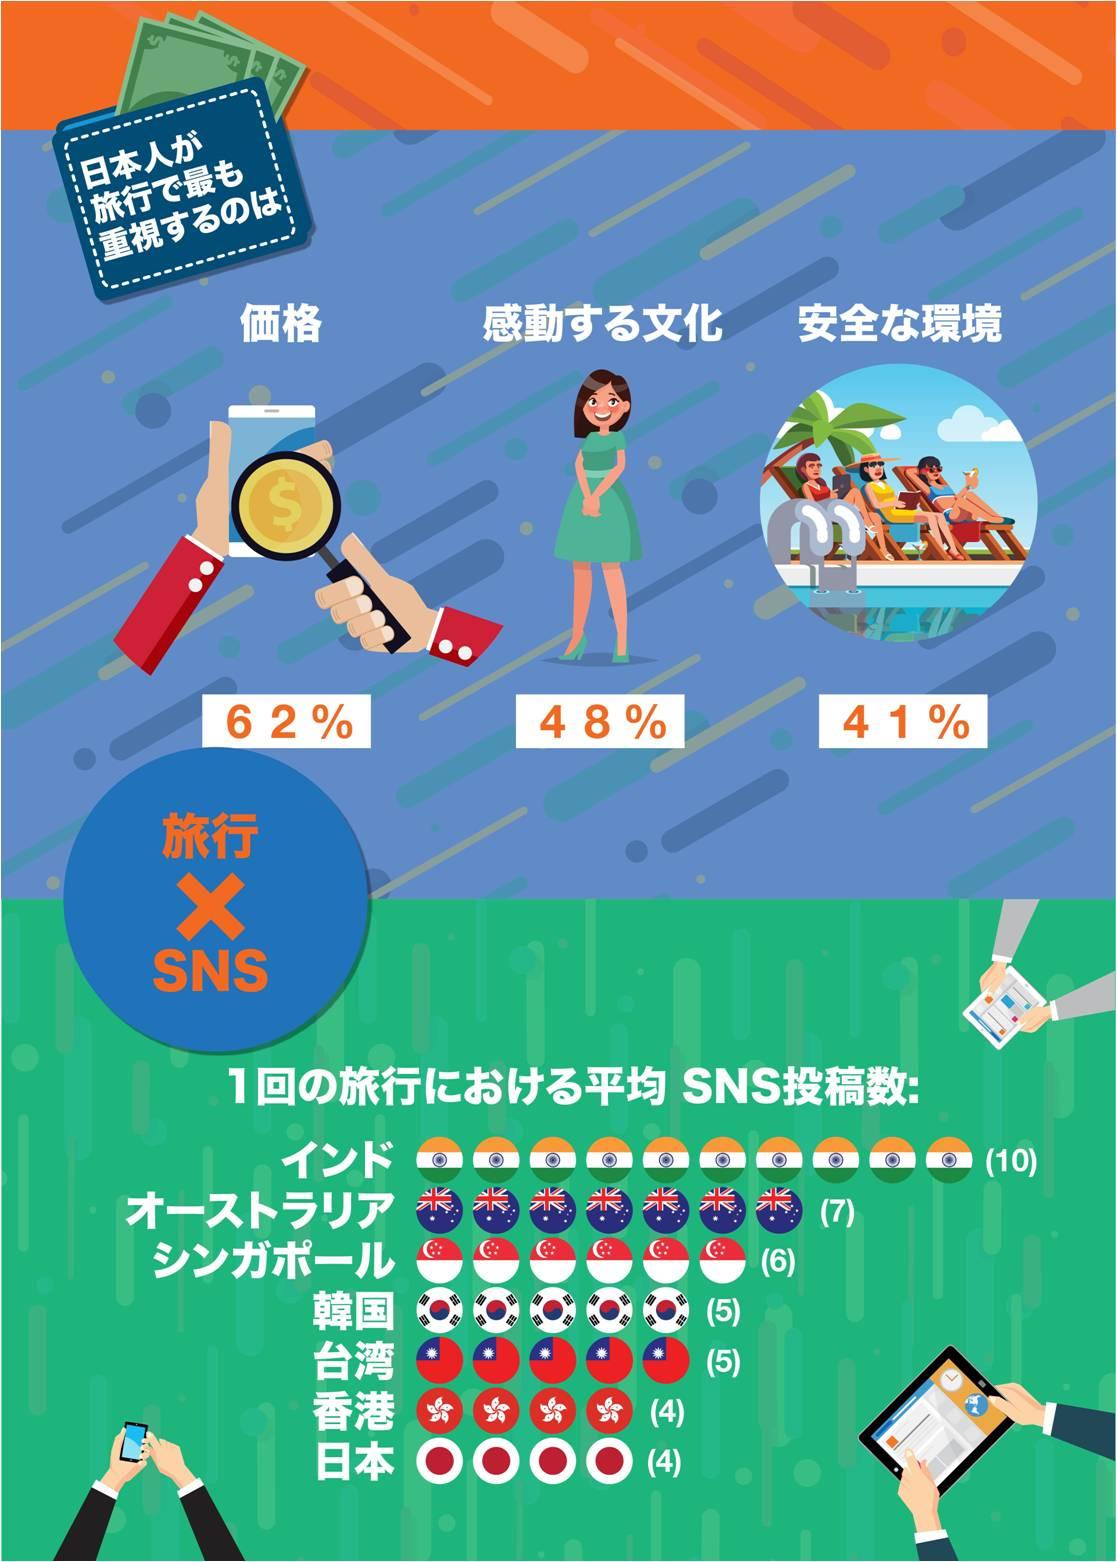 日本人の旅行予約、「オフィスで仕事中に予約」は18%、ホテル予約前に「3つの旅行予約サイトをチェック」は38% -KAYAK調査